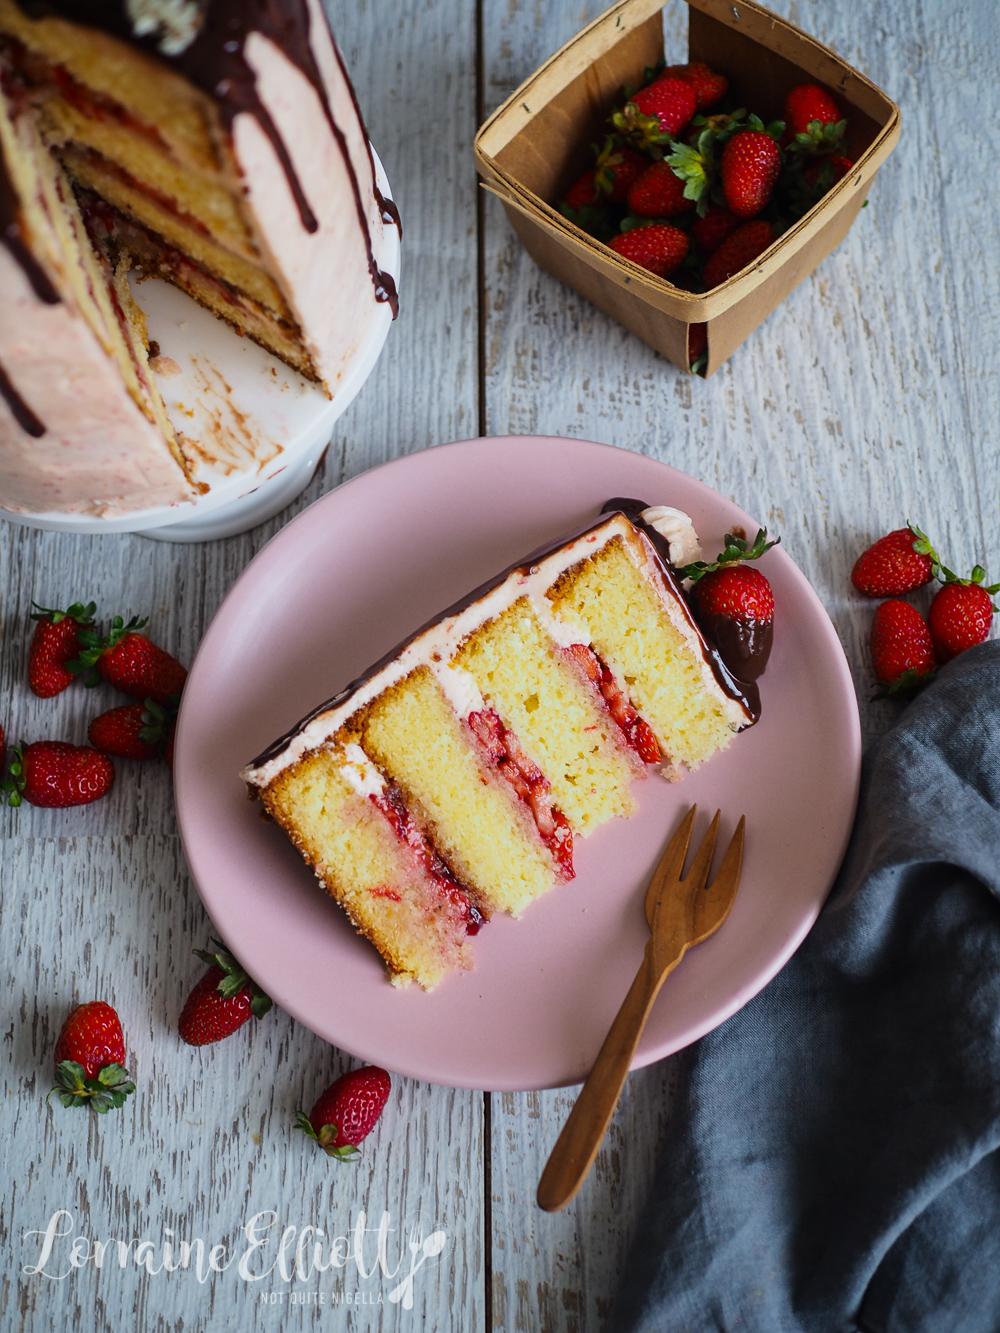 Strawberry White Chocolate Mud Cake